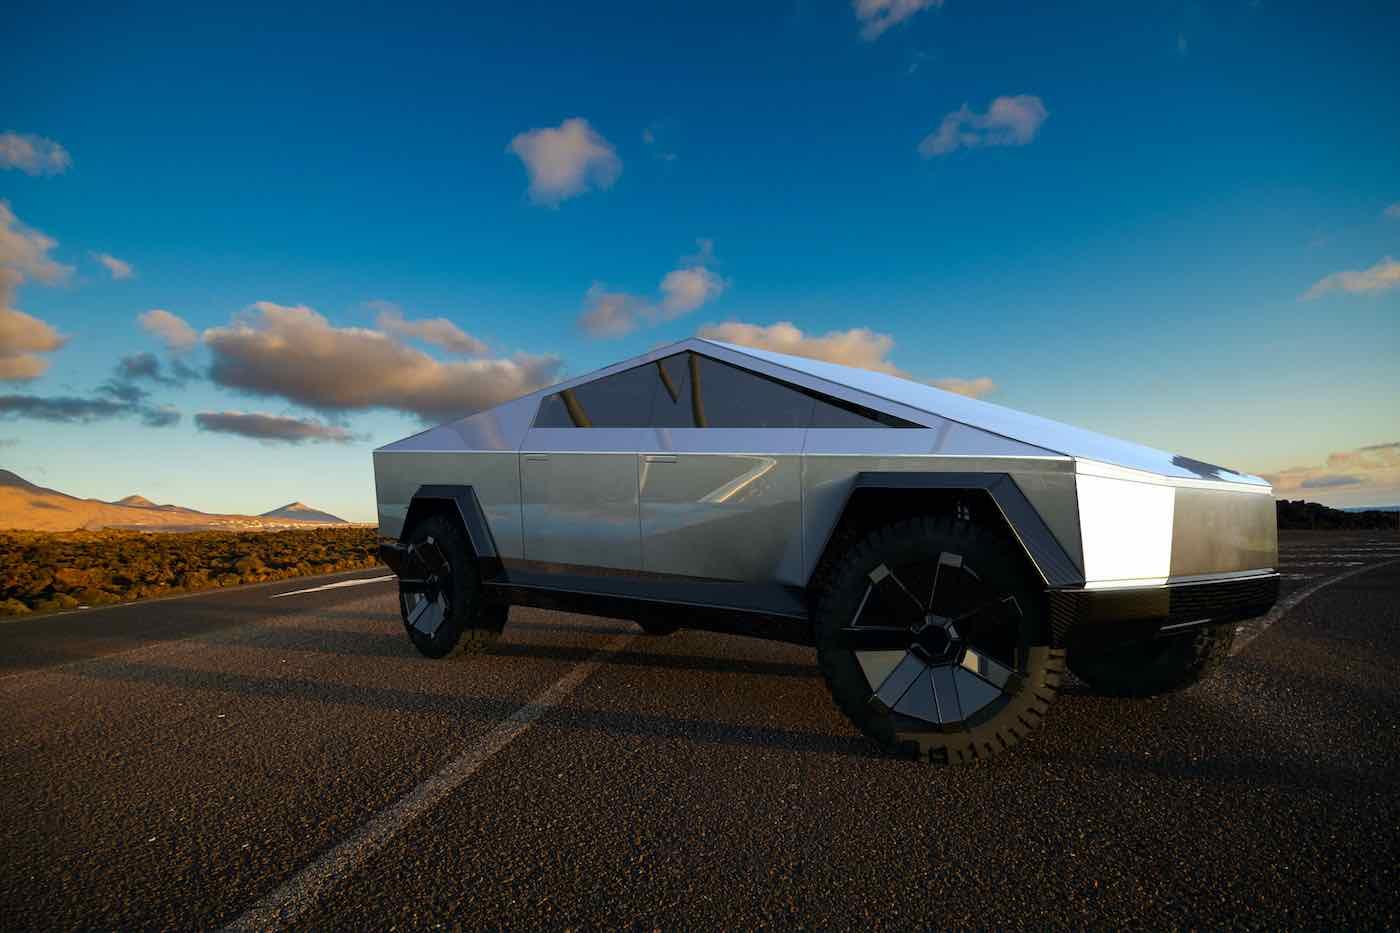 Camioneta Cybertruck de Tesla